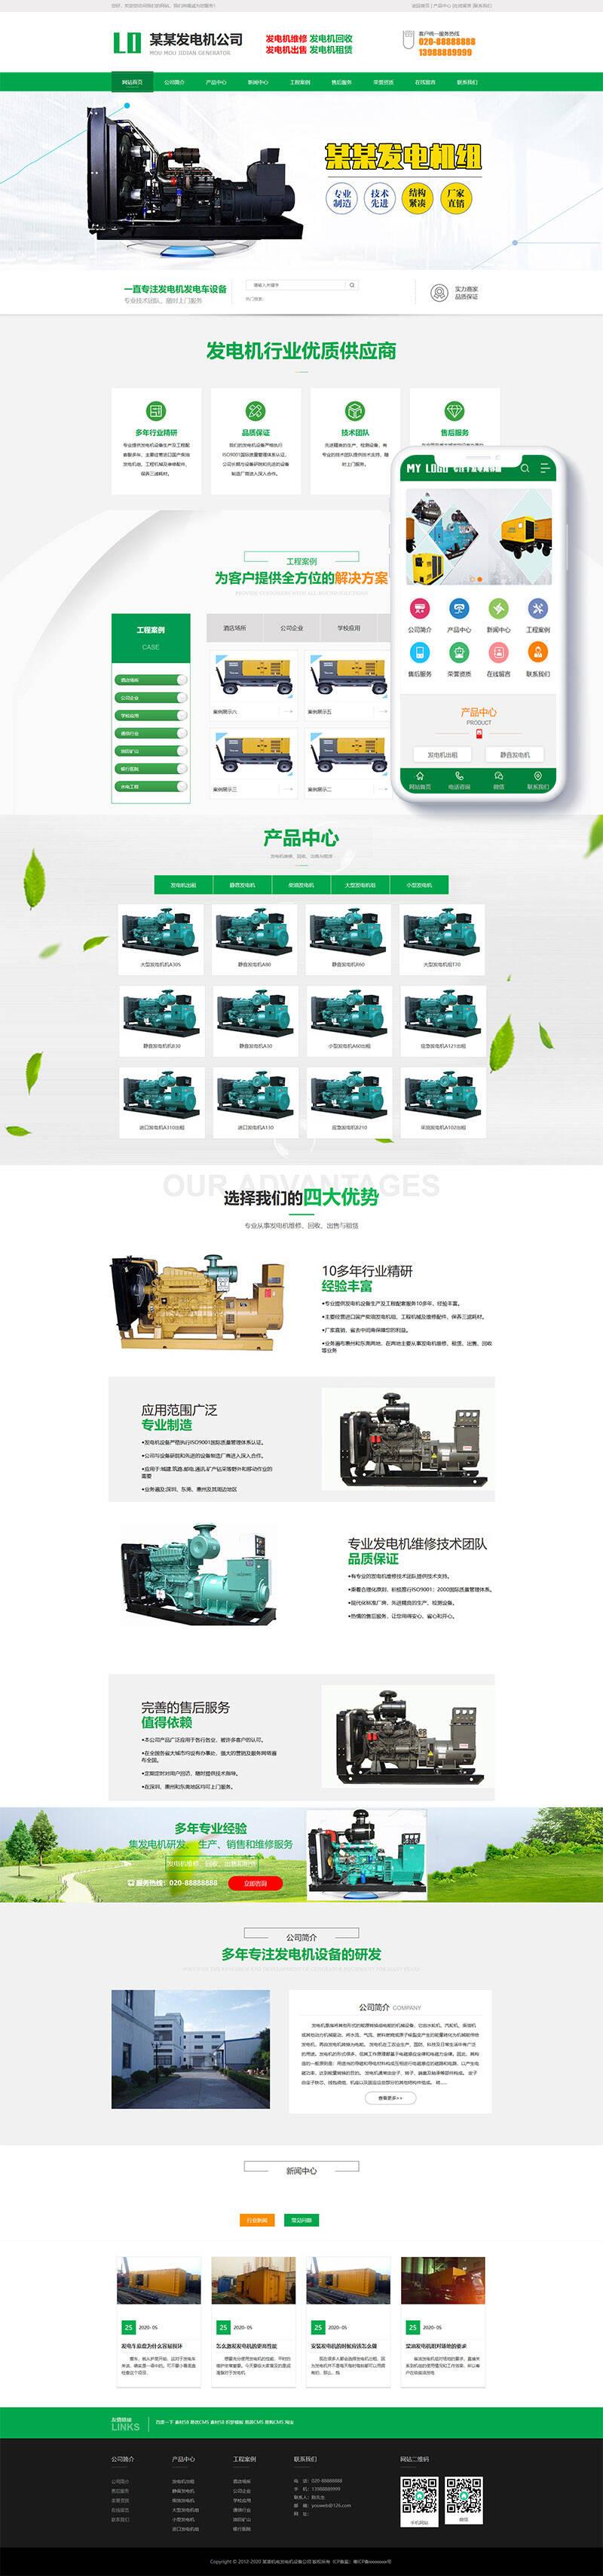 营销型设备类网站源码